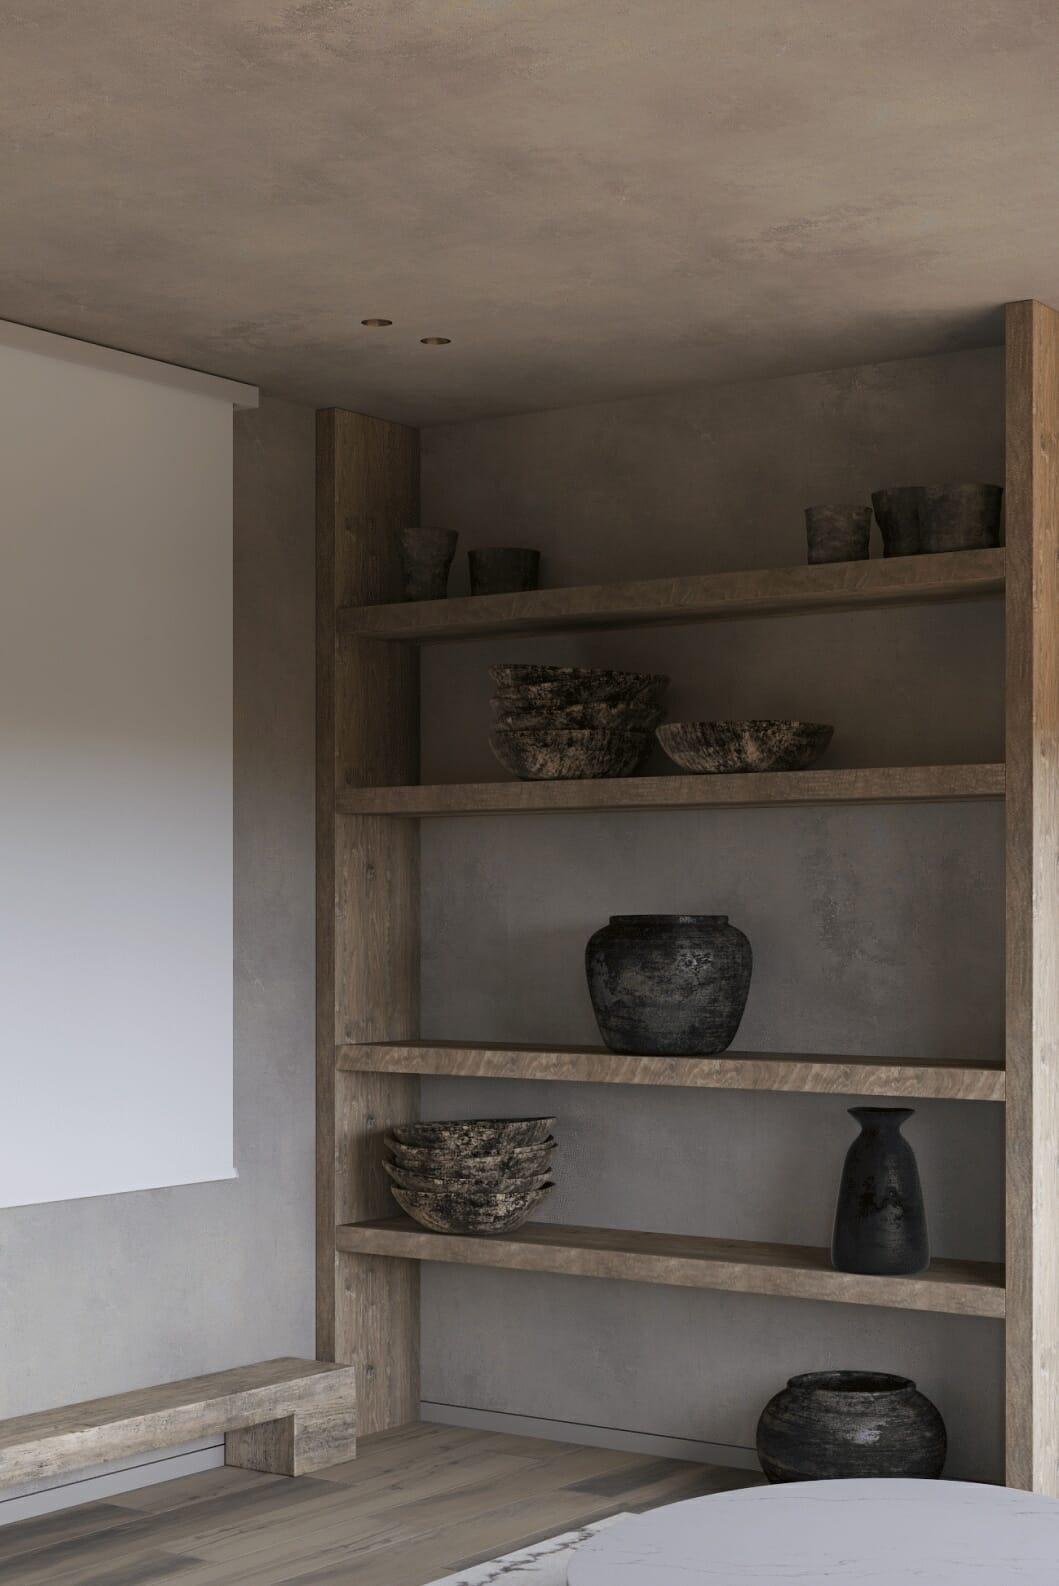 hình ảnh cận cảnh kệ gỗ gắn tường bày đồ trang trí